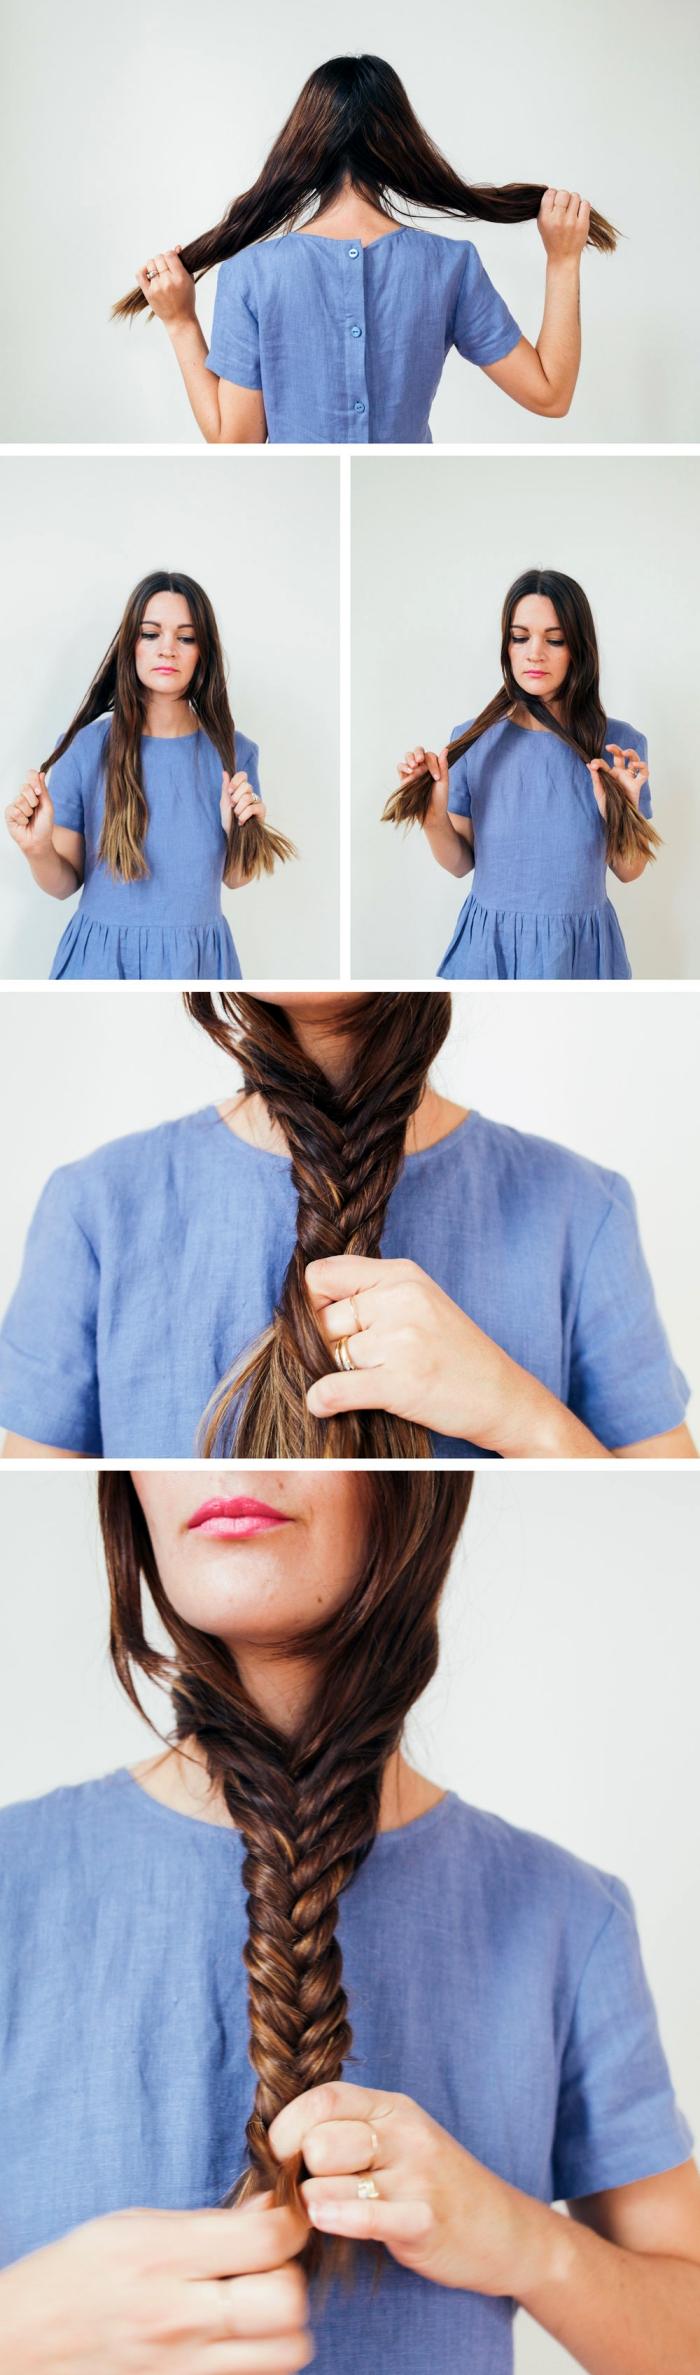 hochsteckfrisuren selber machen, blaues kleid mit knöpfen am rücken, lange haare flechten, fischgrätenzopg